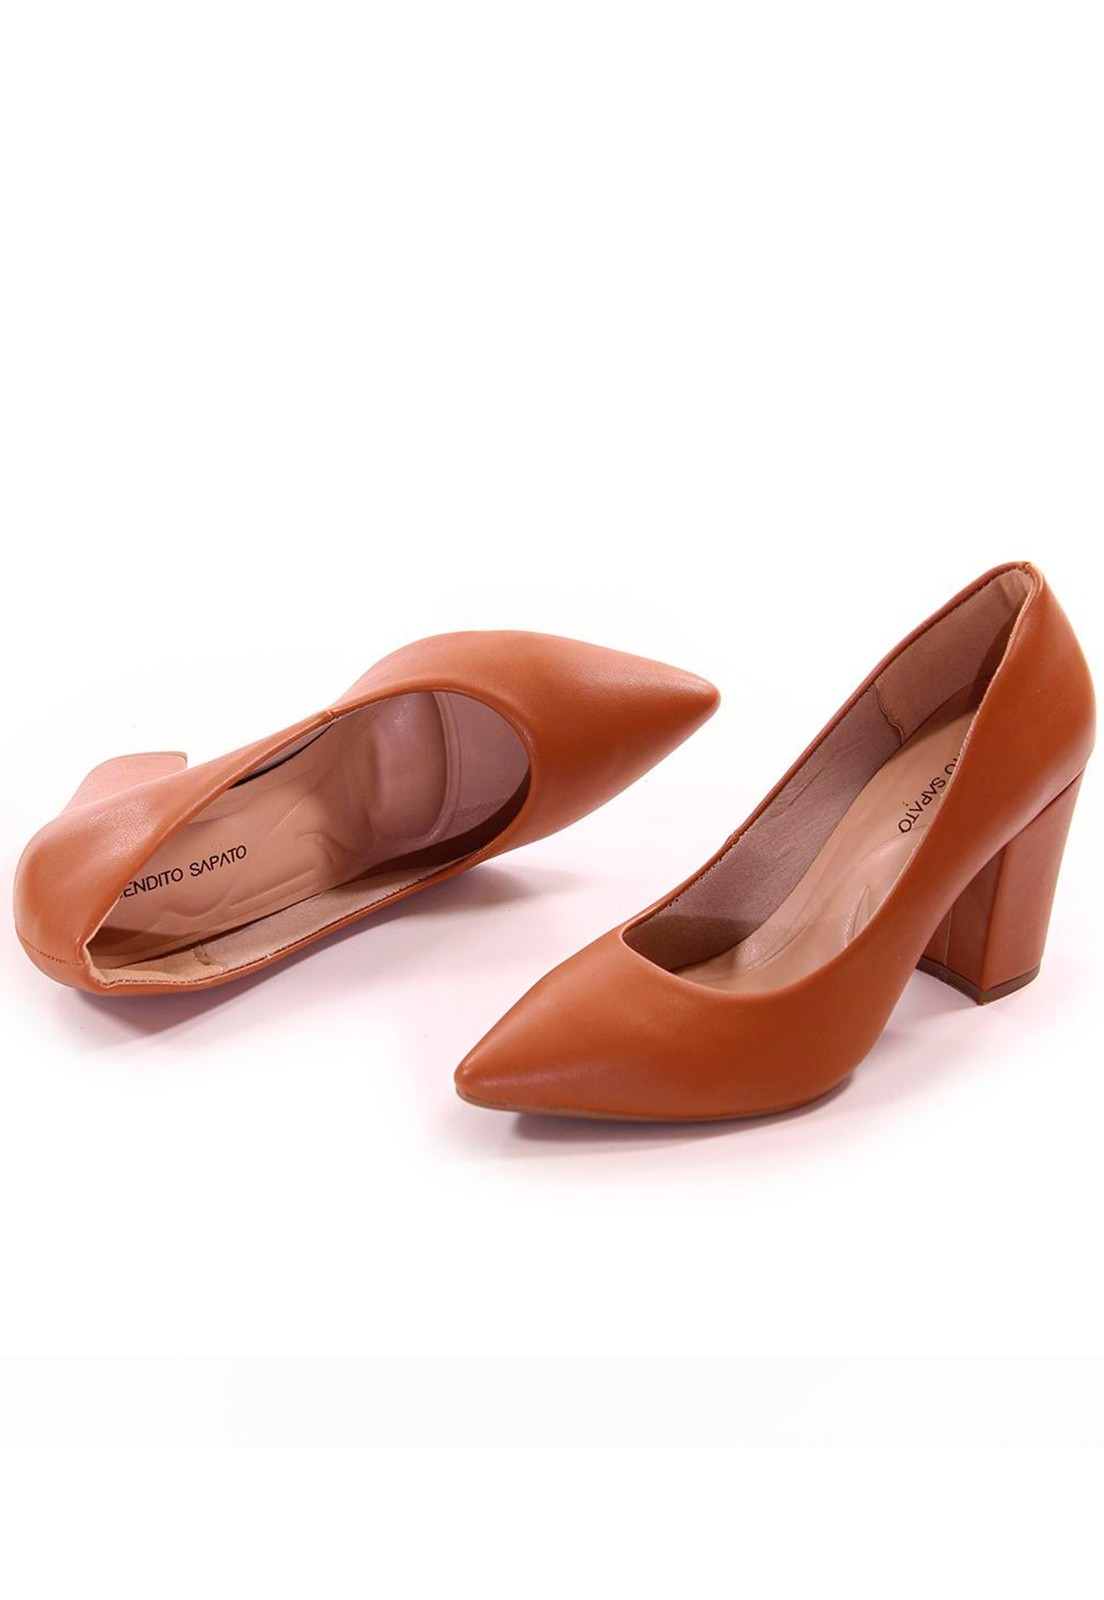 Scarpin caramelo salto grosso Bendito Sapato